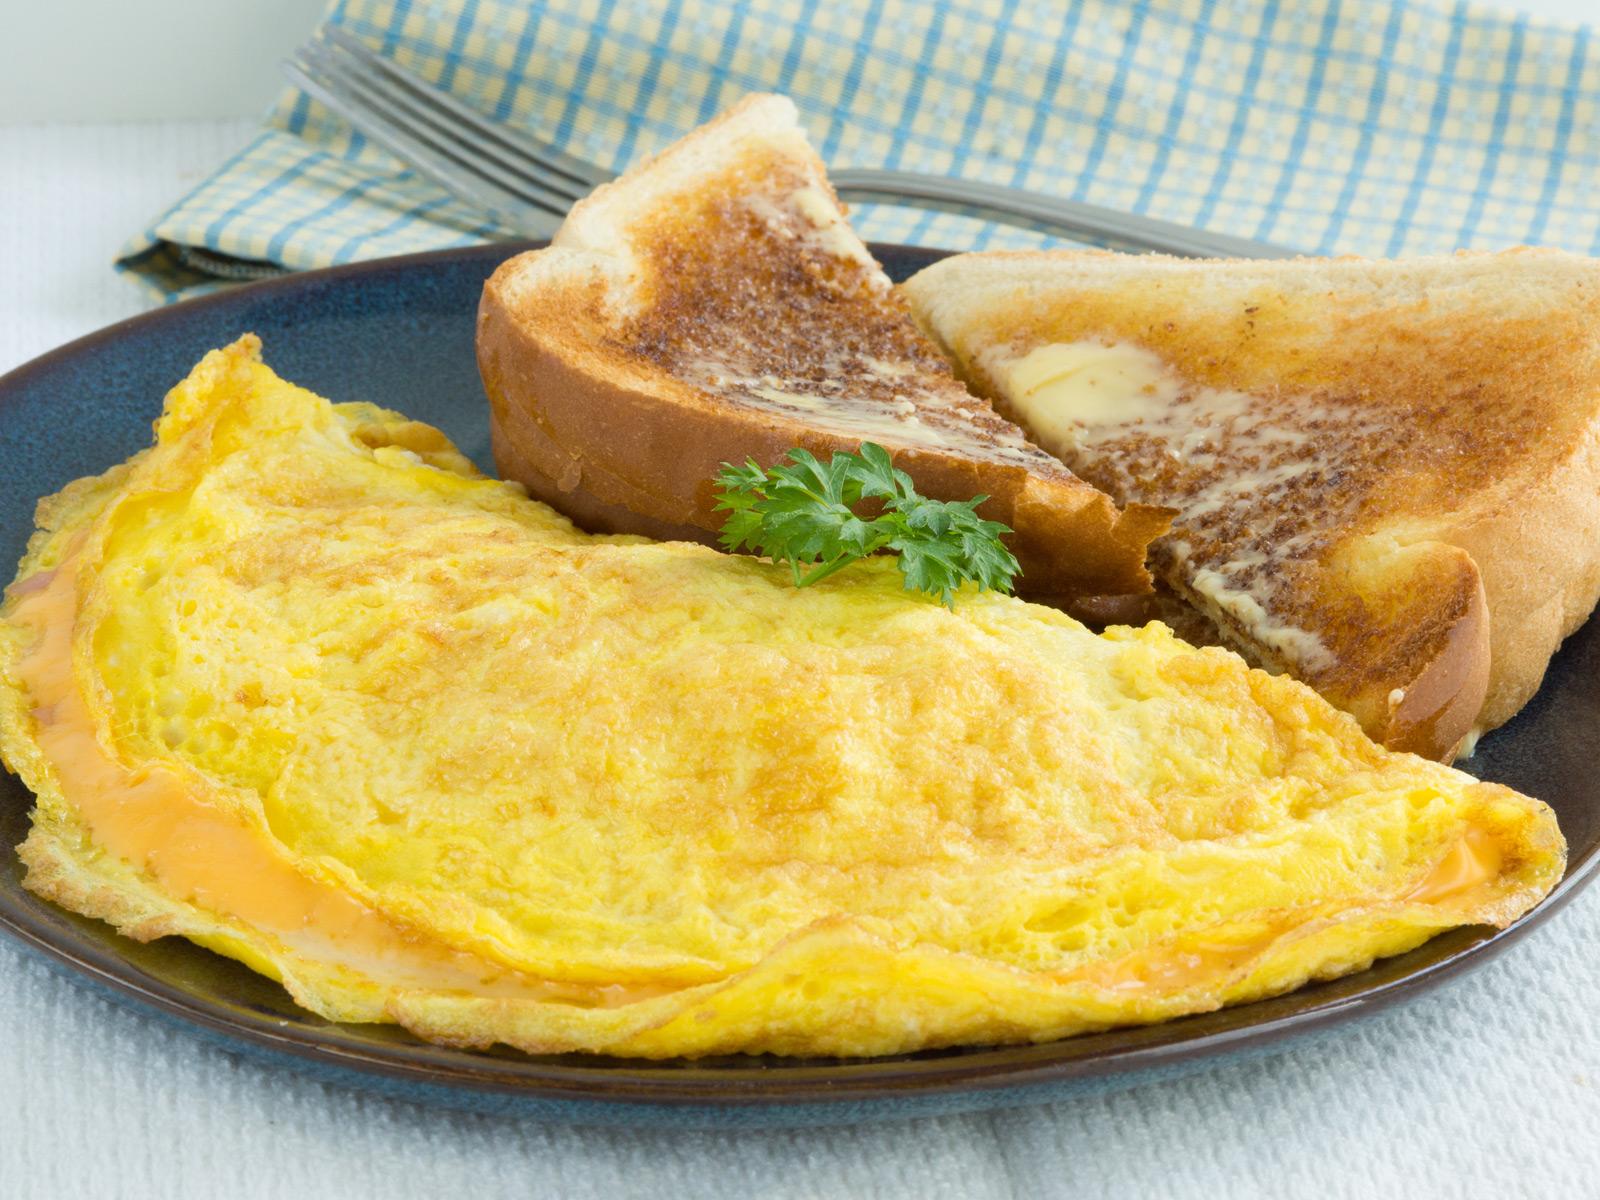 diner-omelet.jpg